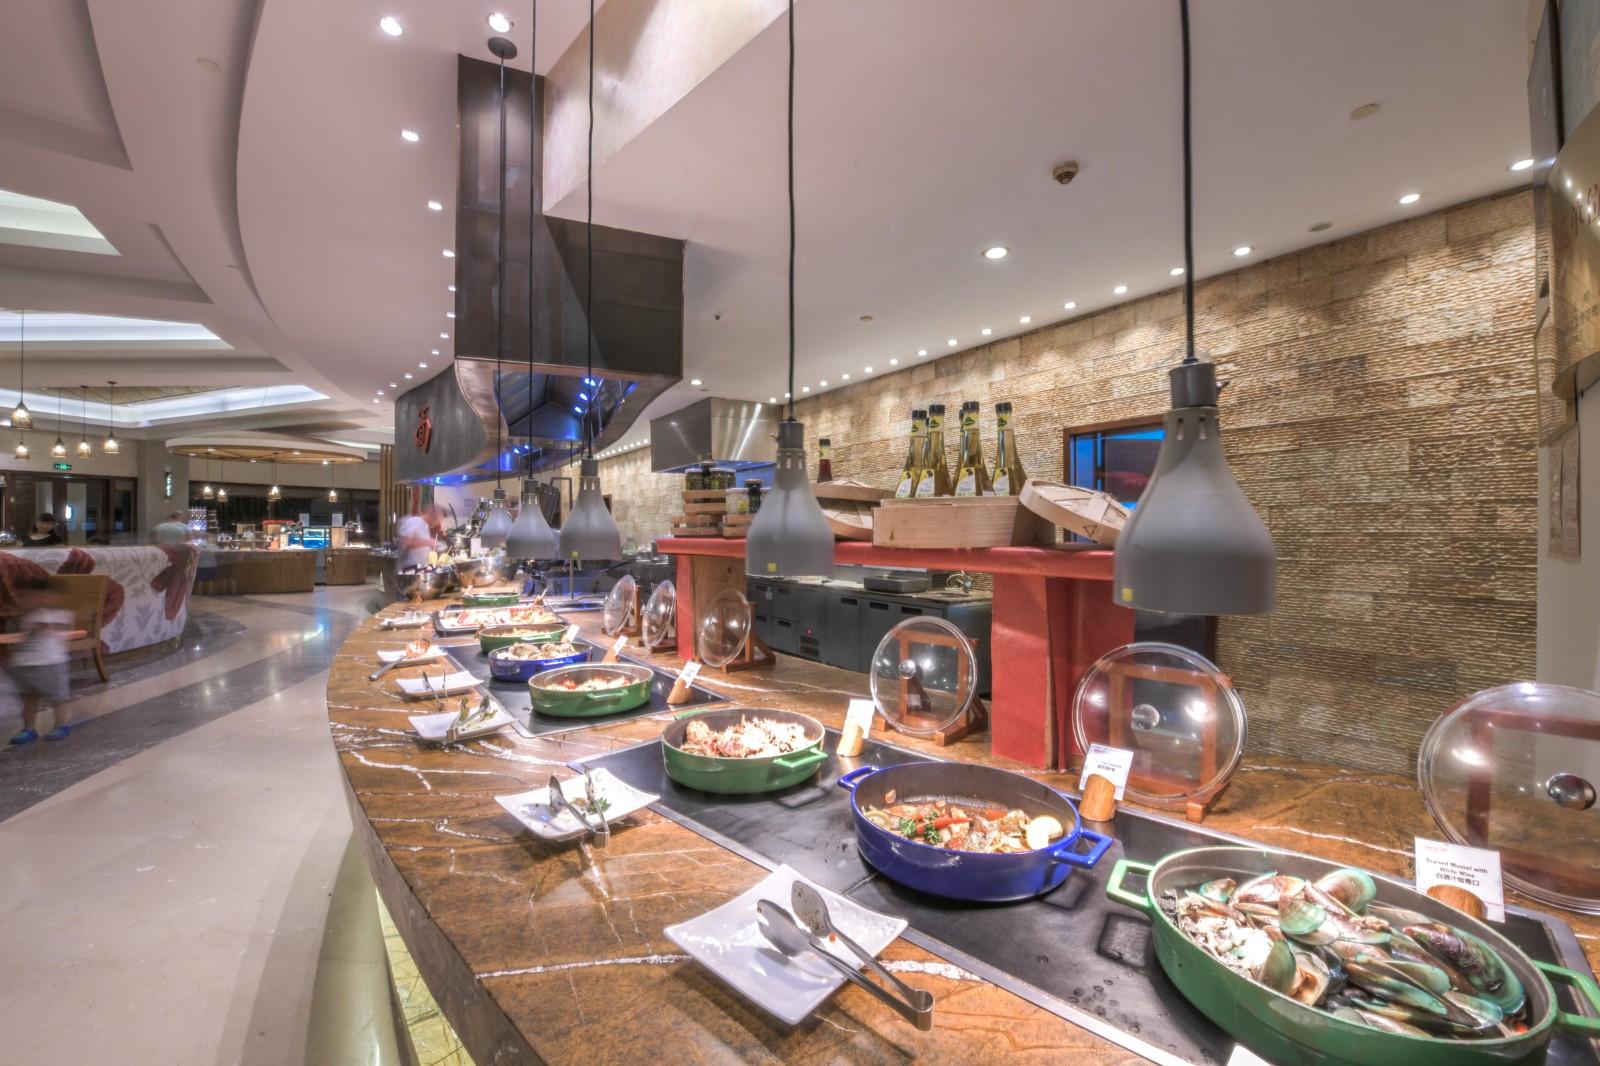 去亞龍灣度假,自助晚餐是很好的選擇,吃得好還省錢